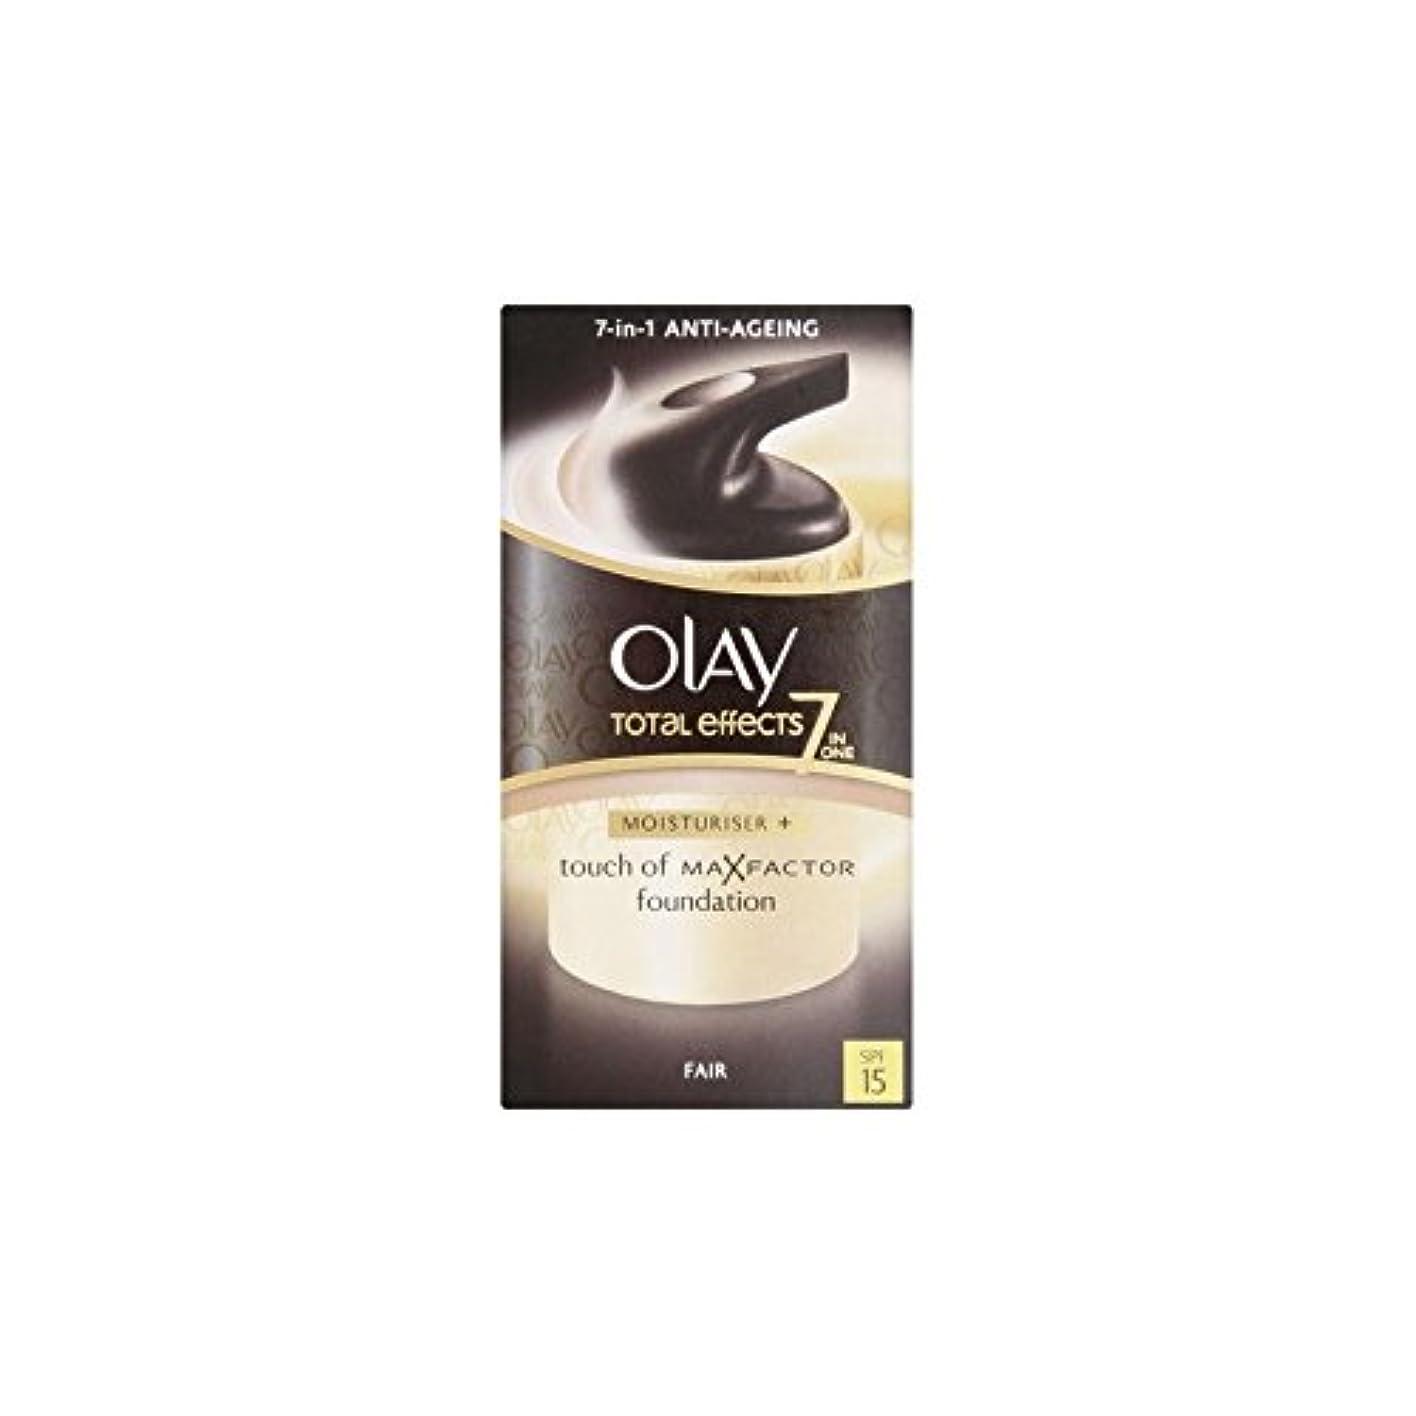 気質引数おかしいオーレイトータルエフェクト保湿クリーム15 - フェア(50ミリリットル) x4 - Olay Total Effects Moisturiser Bb Cream Spf15 - Fair (50ml) (Pack of 4) [並行輸入品]